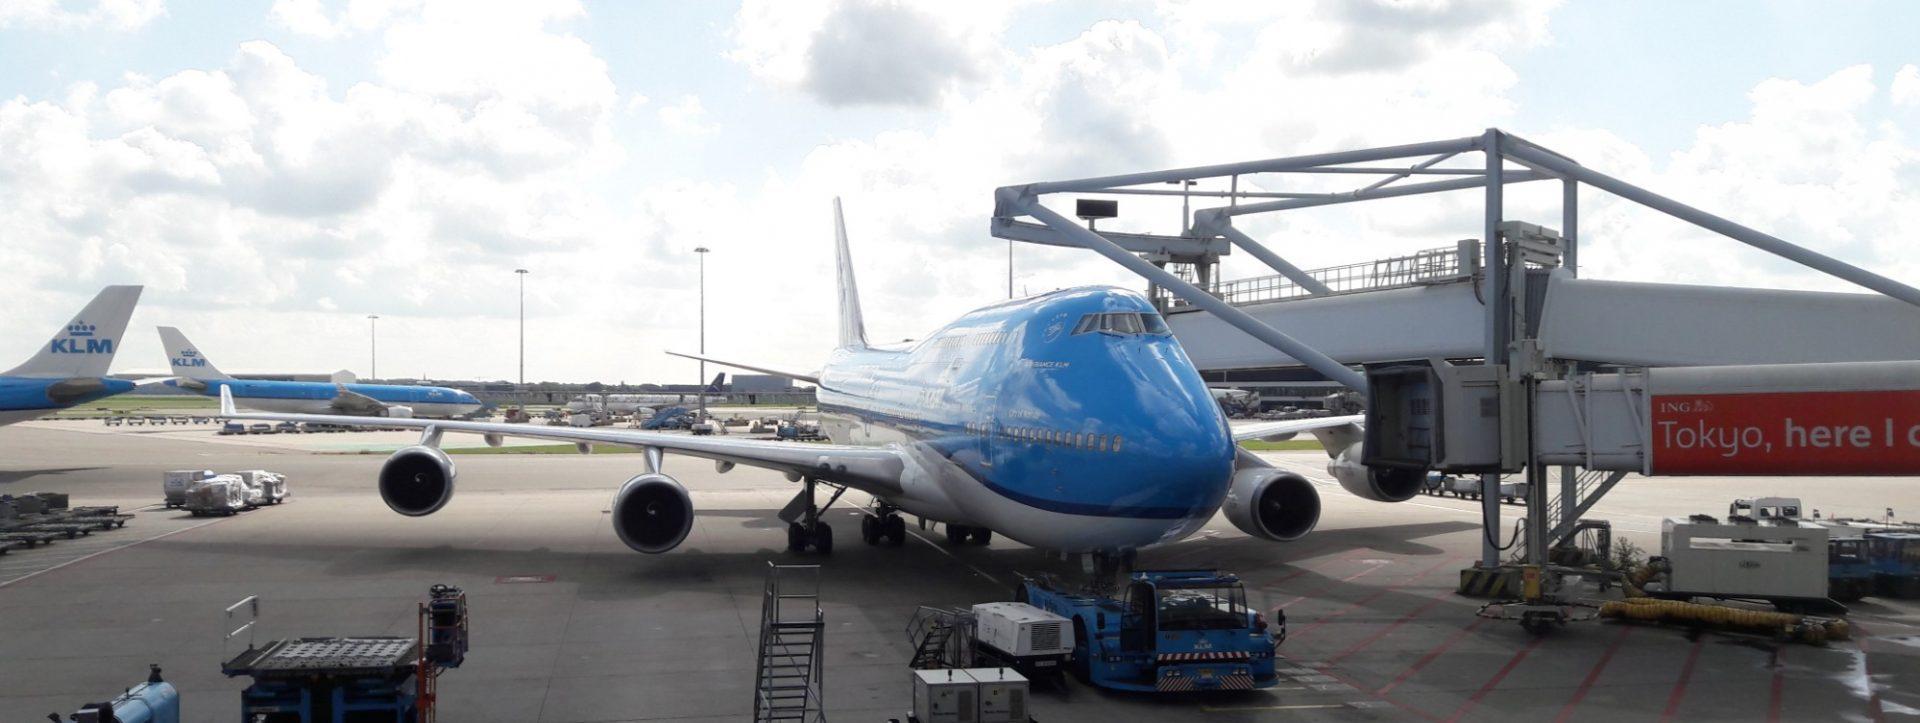 een vliegtuig op het vliegveld